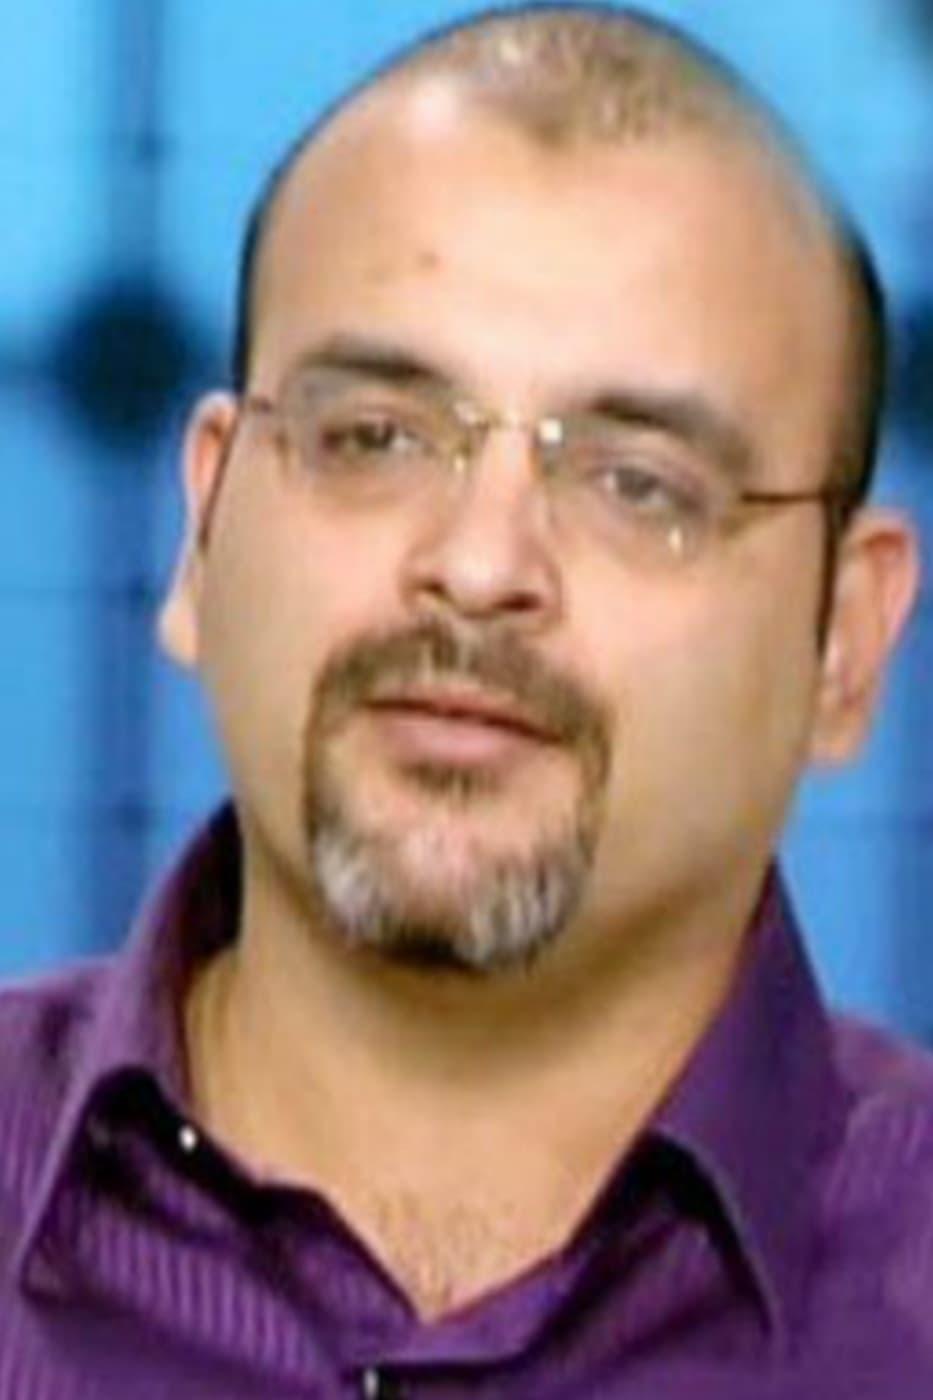 Ayman Bahgat Amar